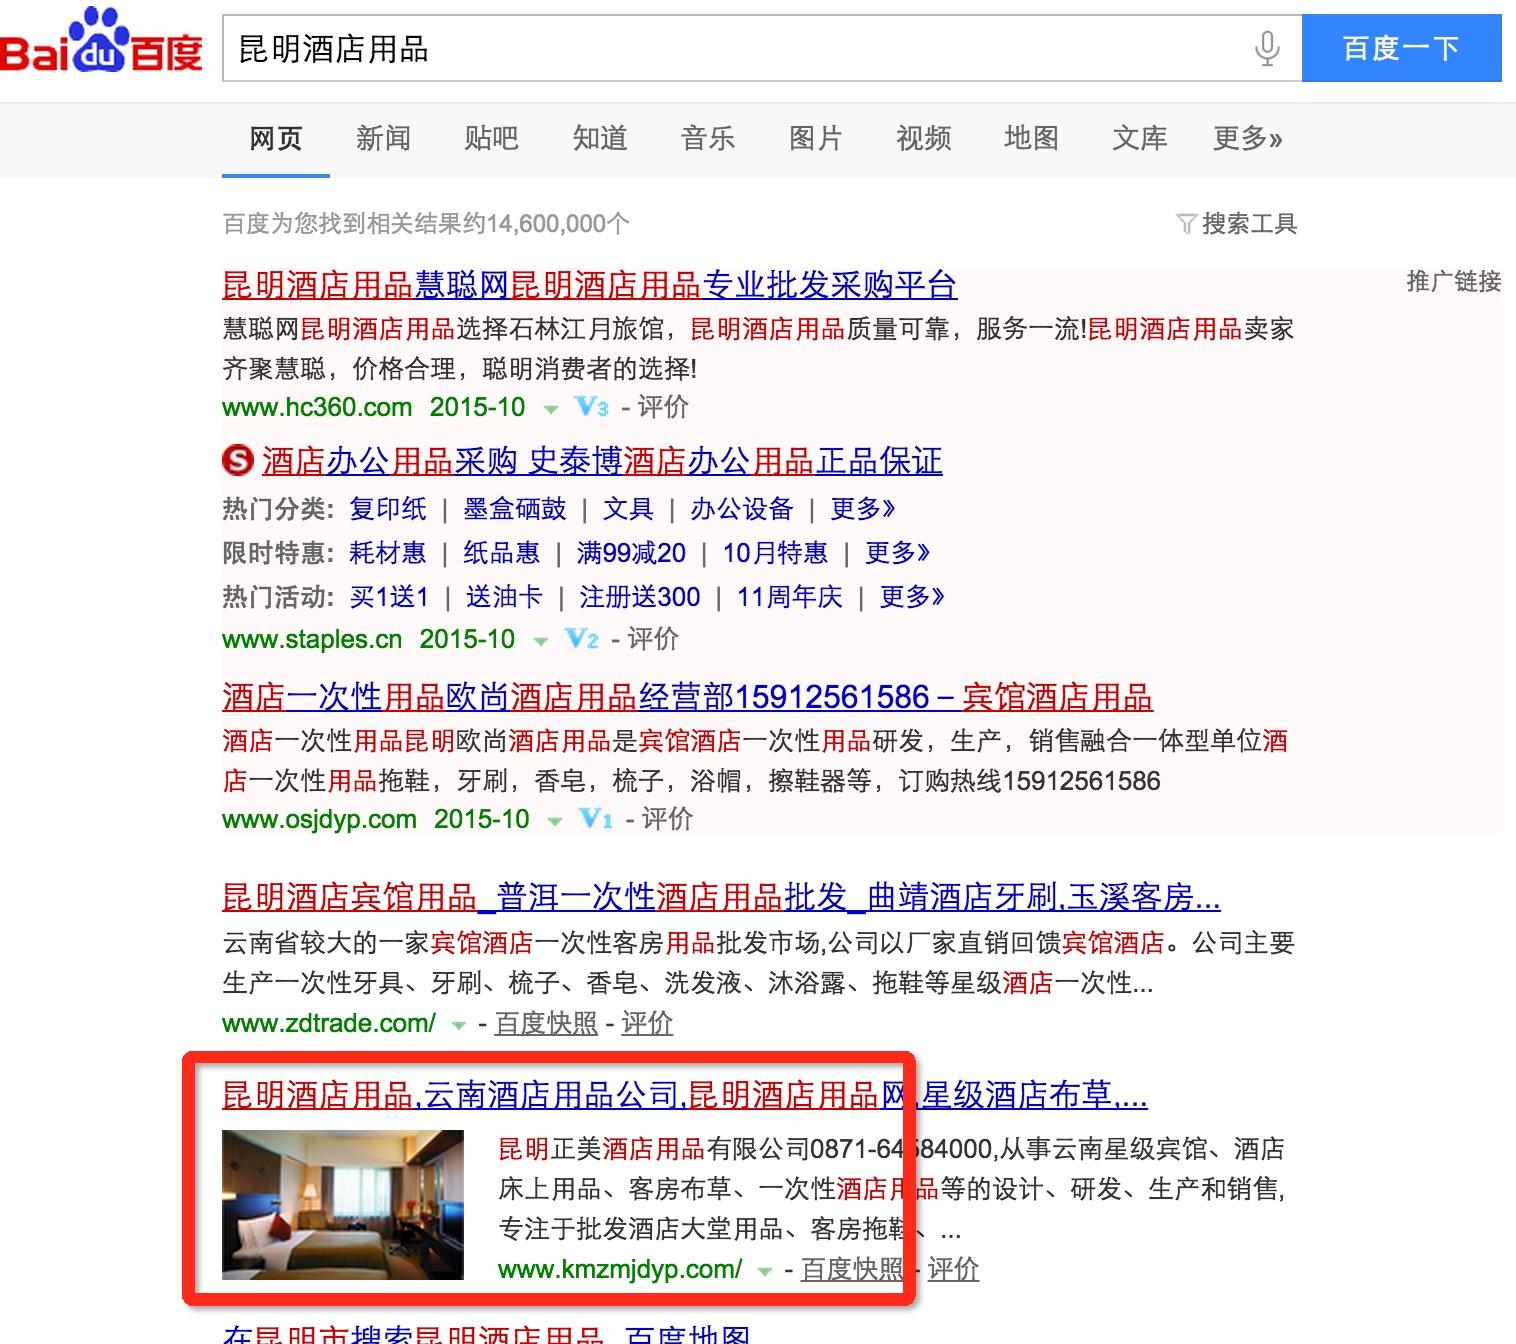 庆祝昆明正美酒店用品签约富海网络营销4年